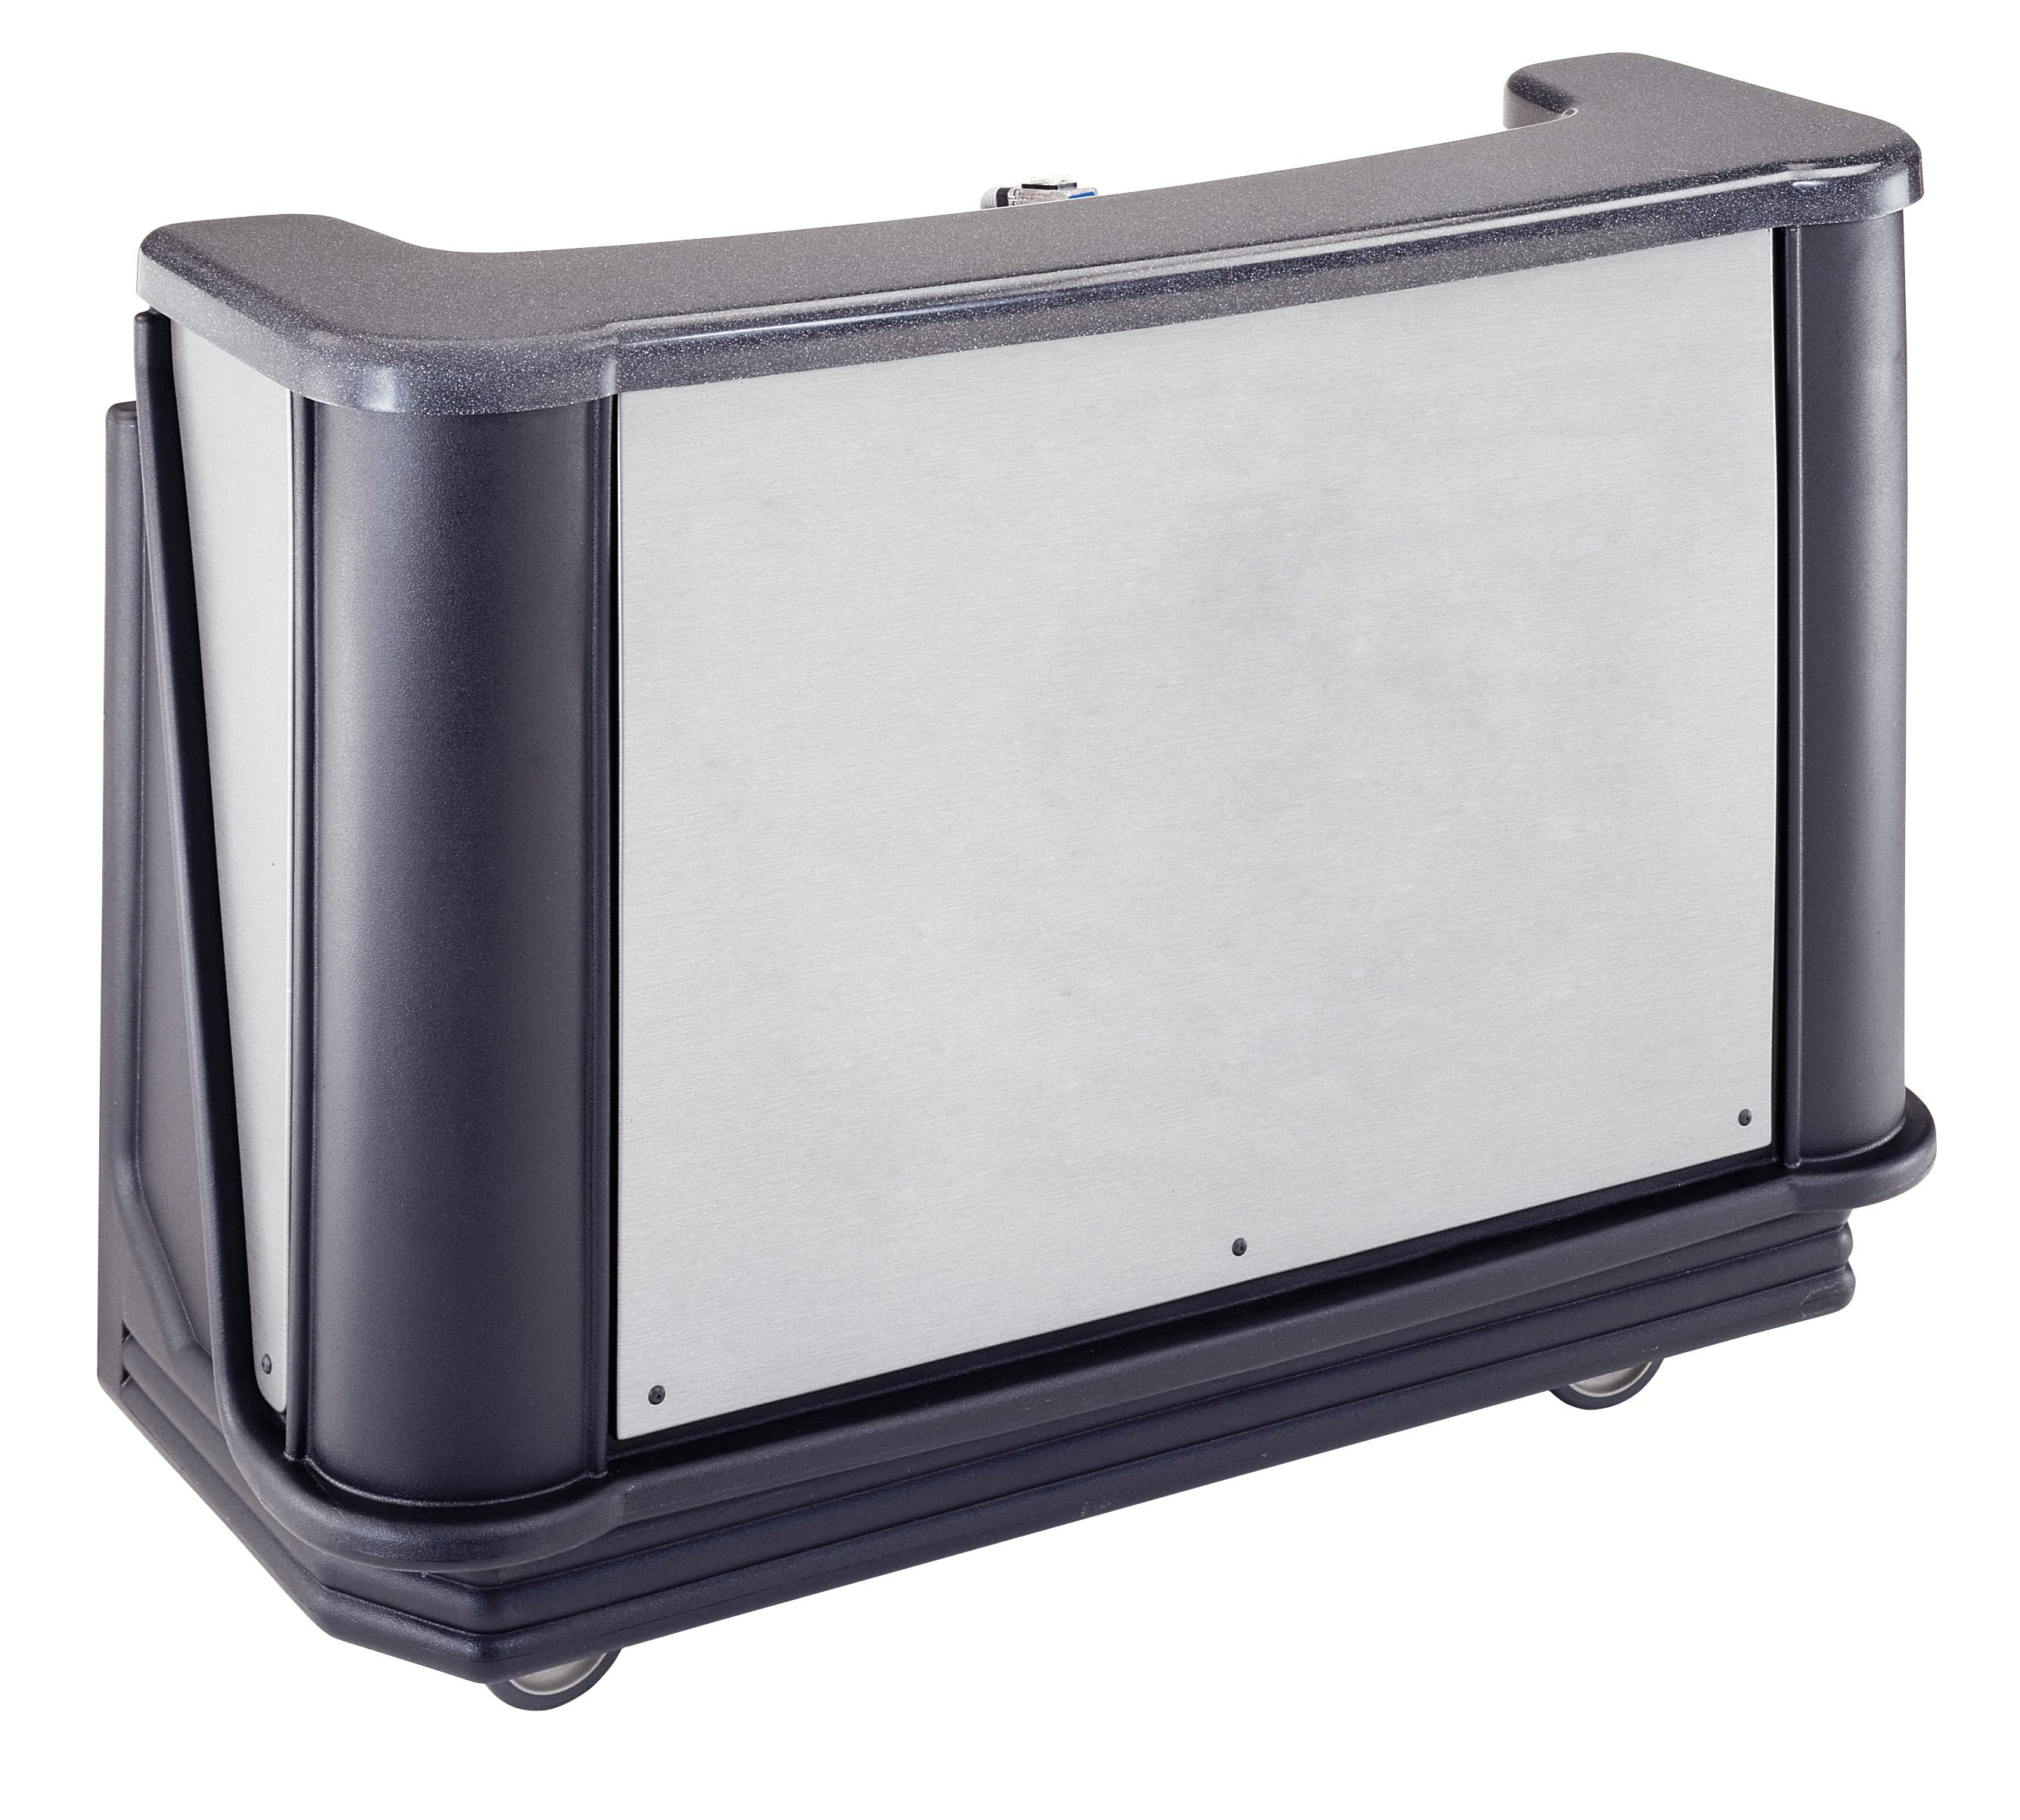 Cambro BAR650DS770 portable bar